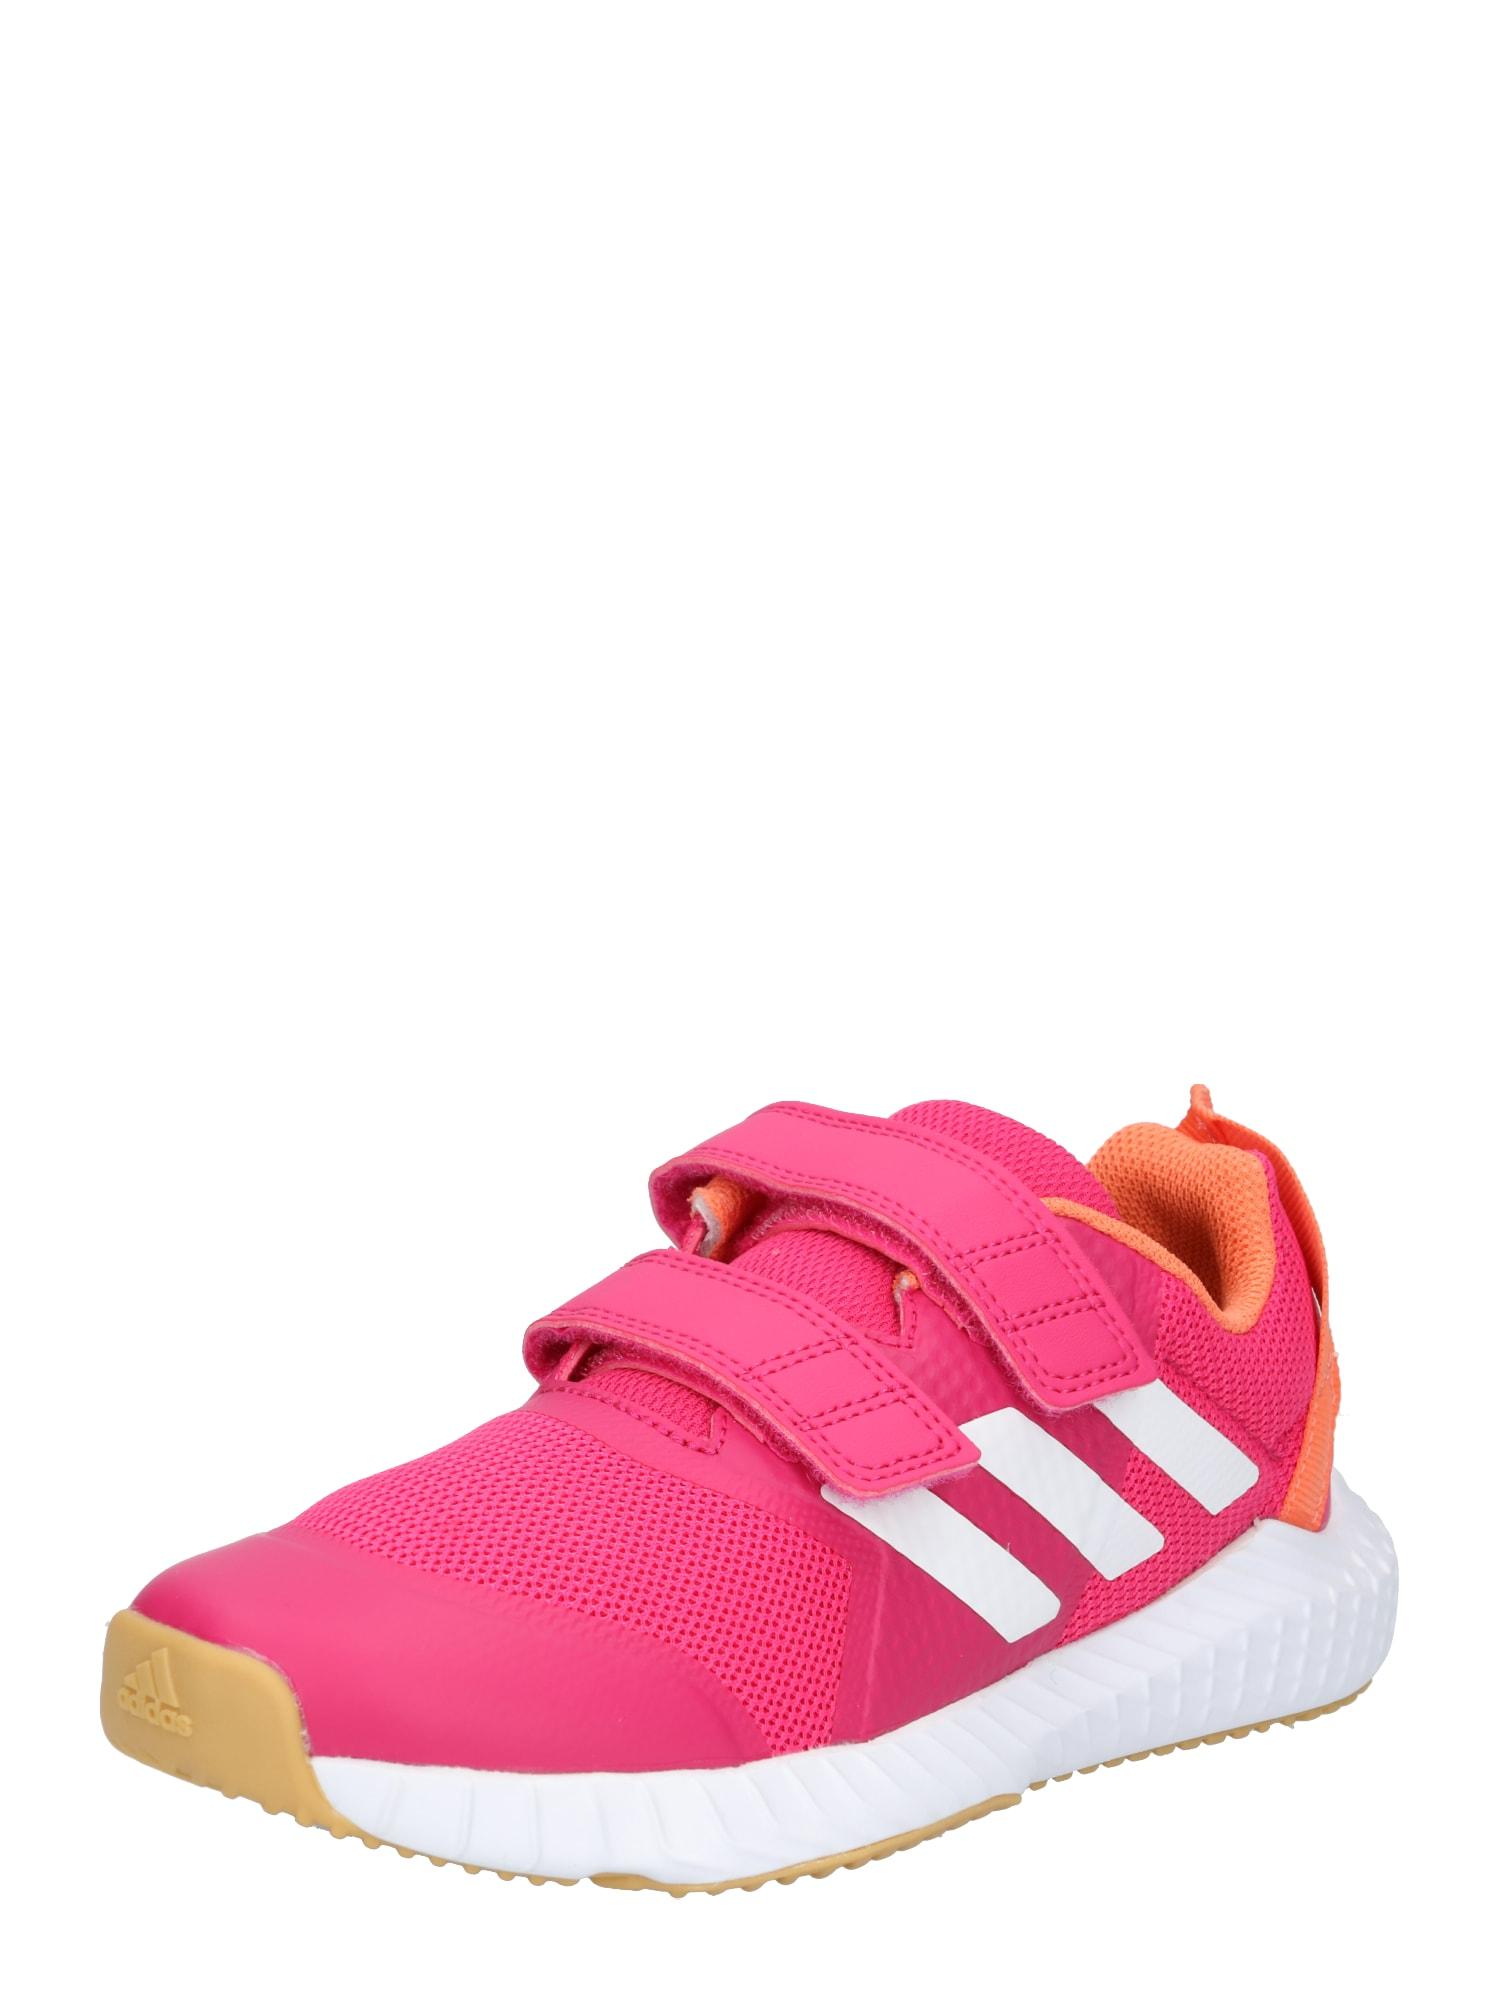 Sportovní boty FortaGym oranžová fuchsiová bílá ADIDAS PERFORMANCE